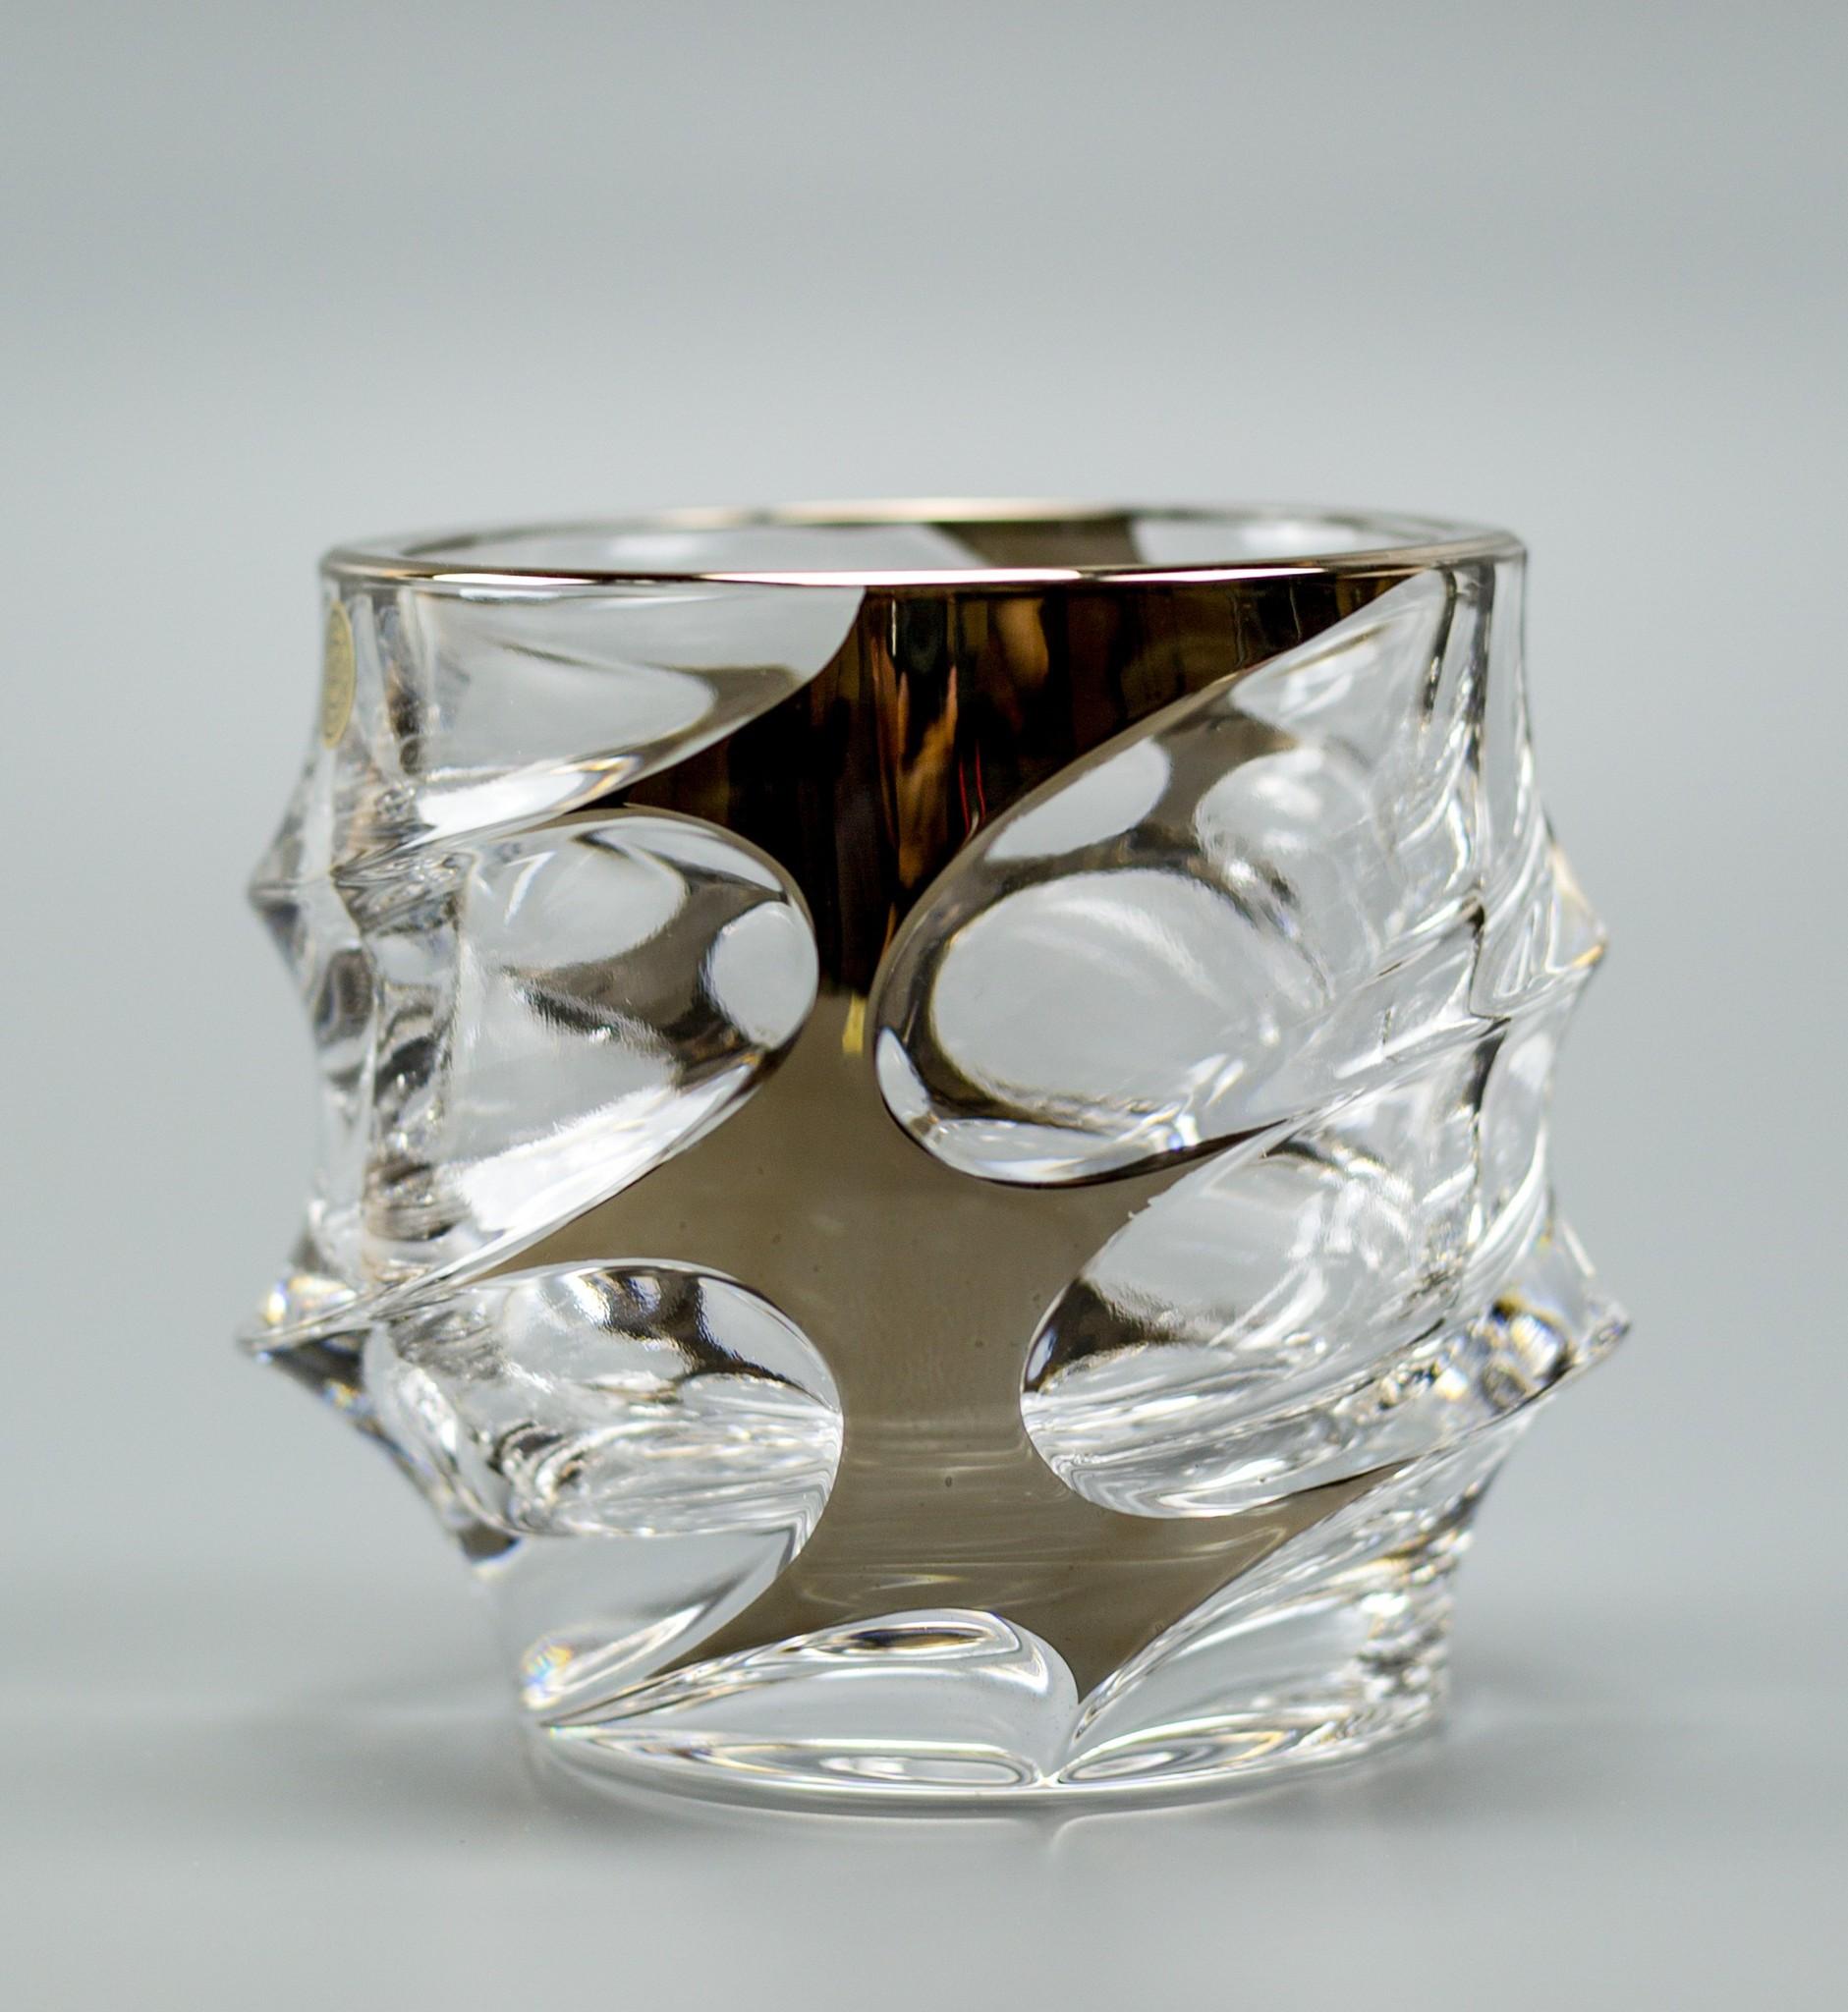 Набор из 6 стаканов для виски «Calipso», золото calipso 110 01 ig 01 pp